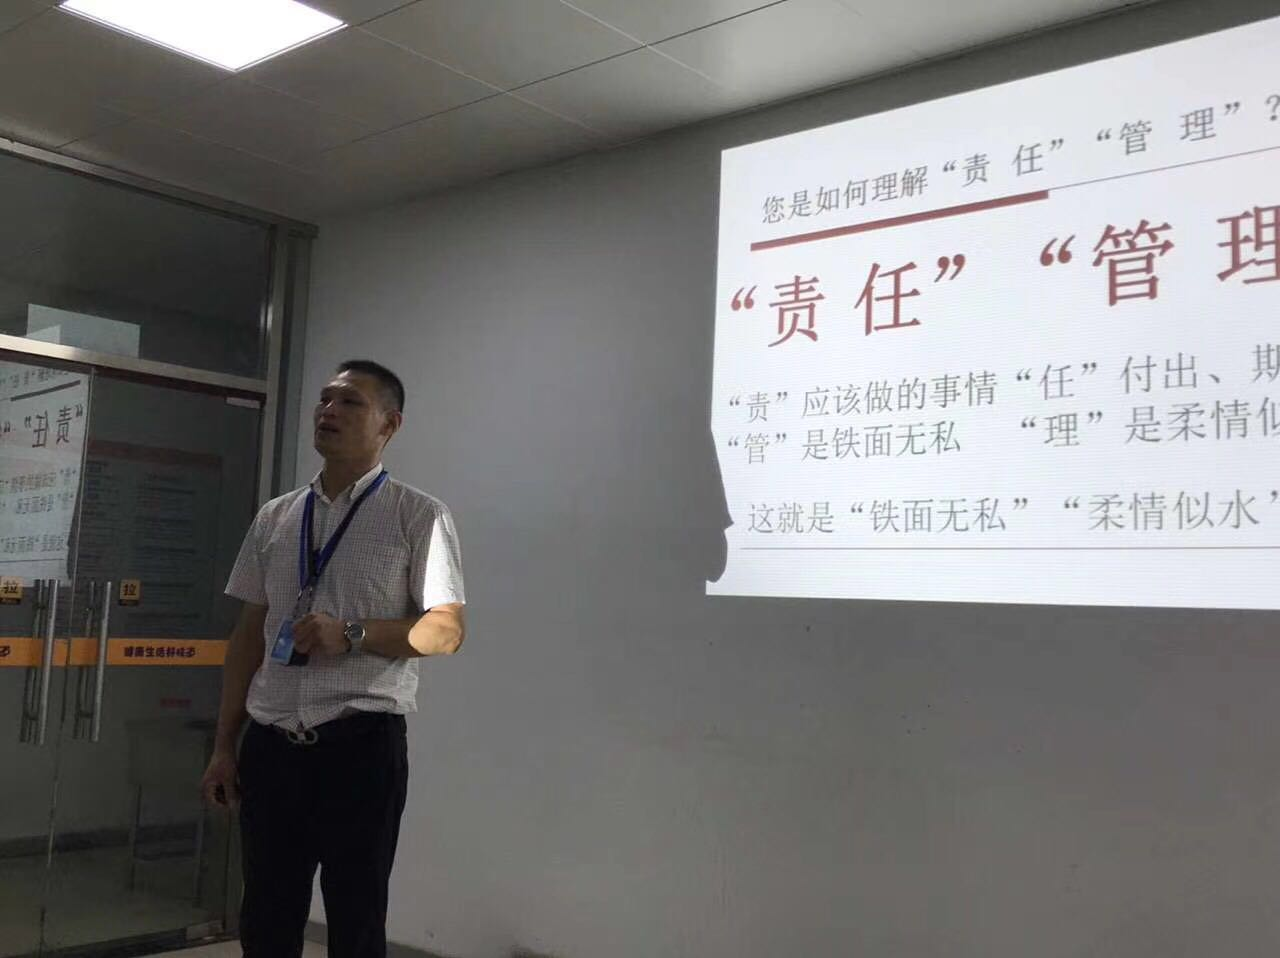 苏州稻中道5S培训第二场大课&飞勺组颁奖典礼!